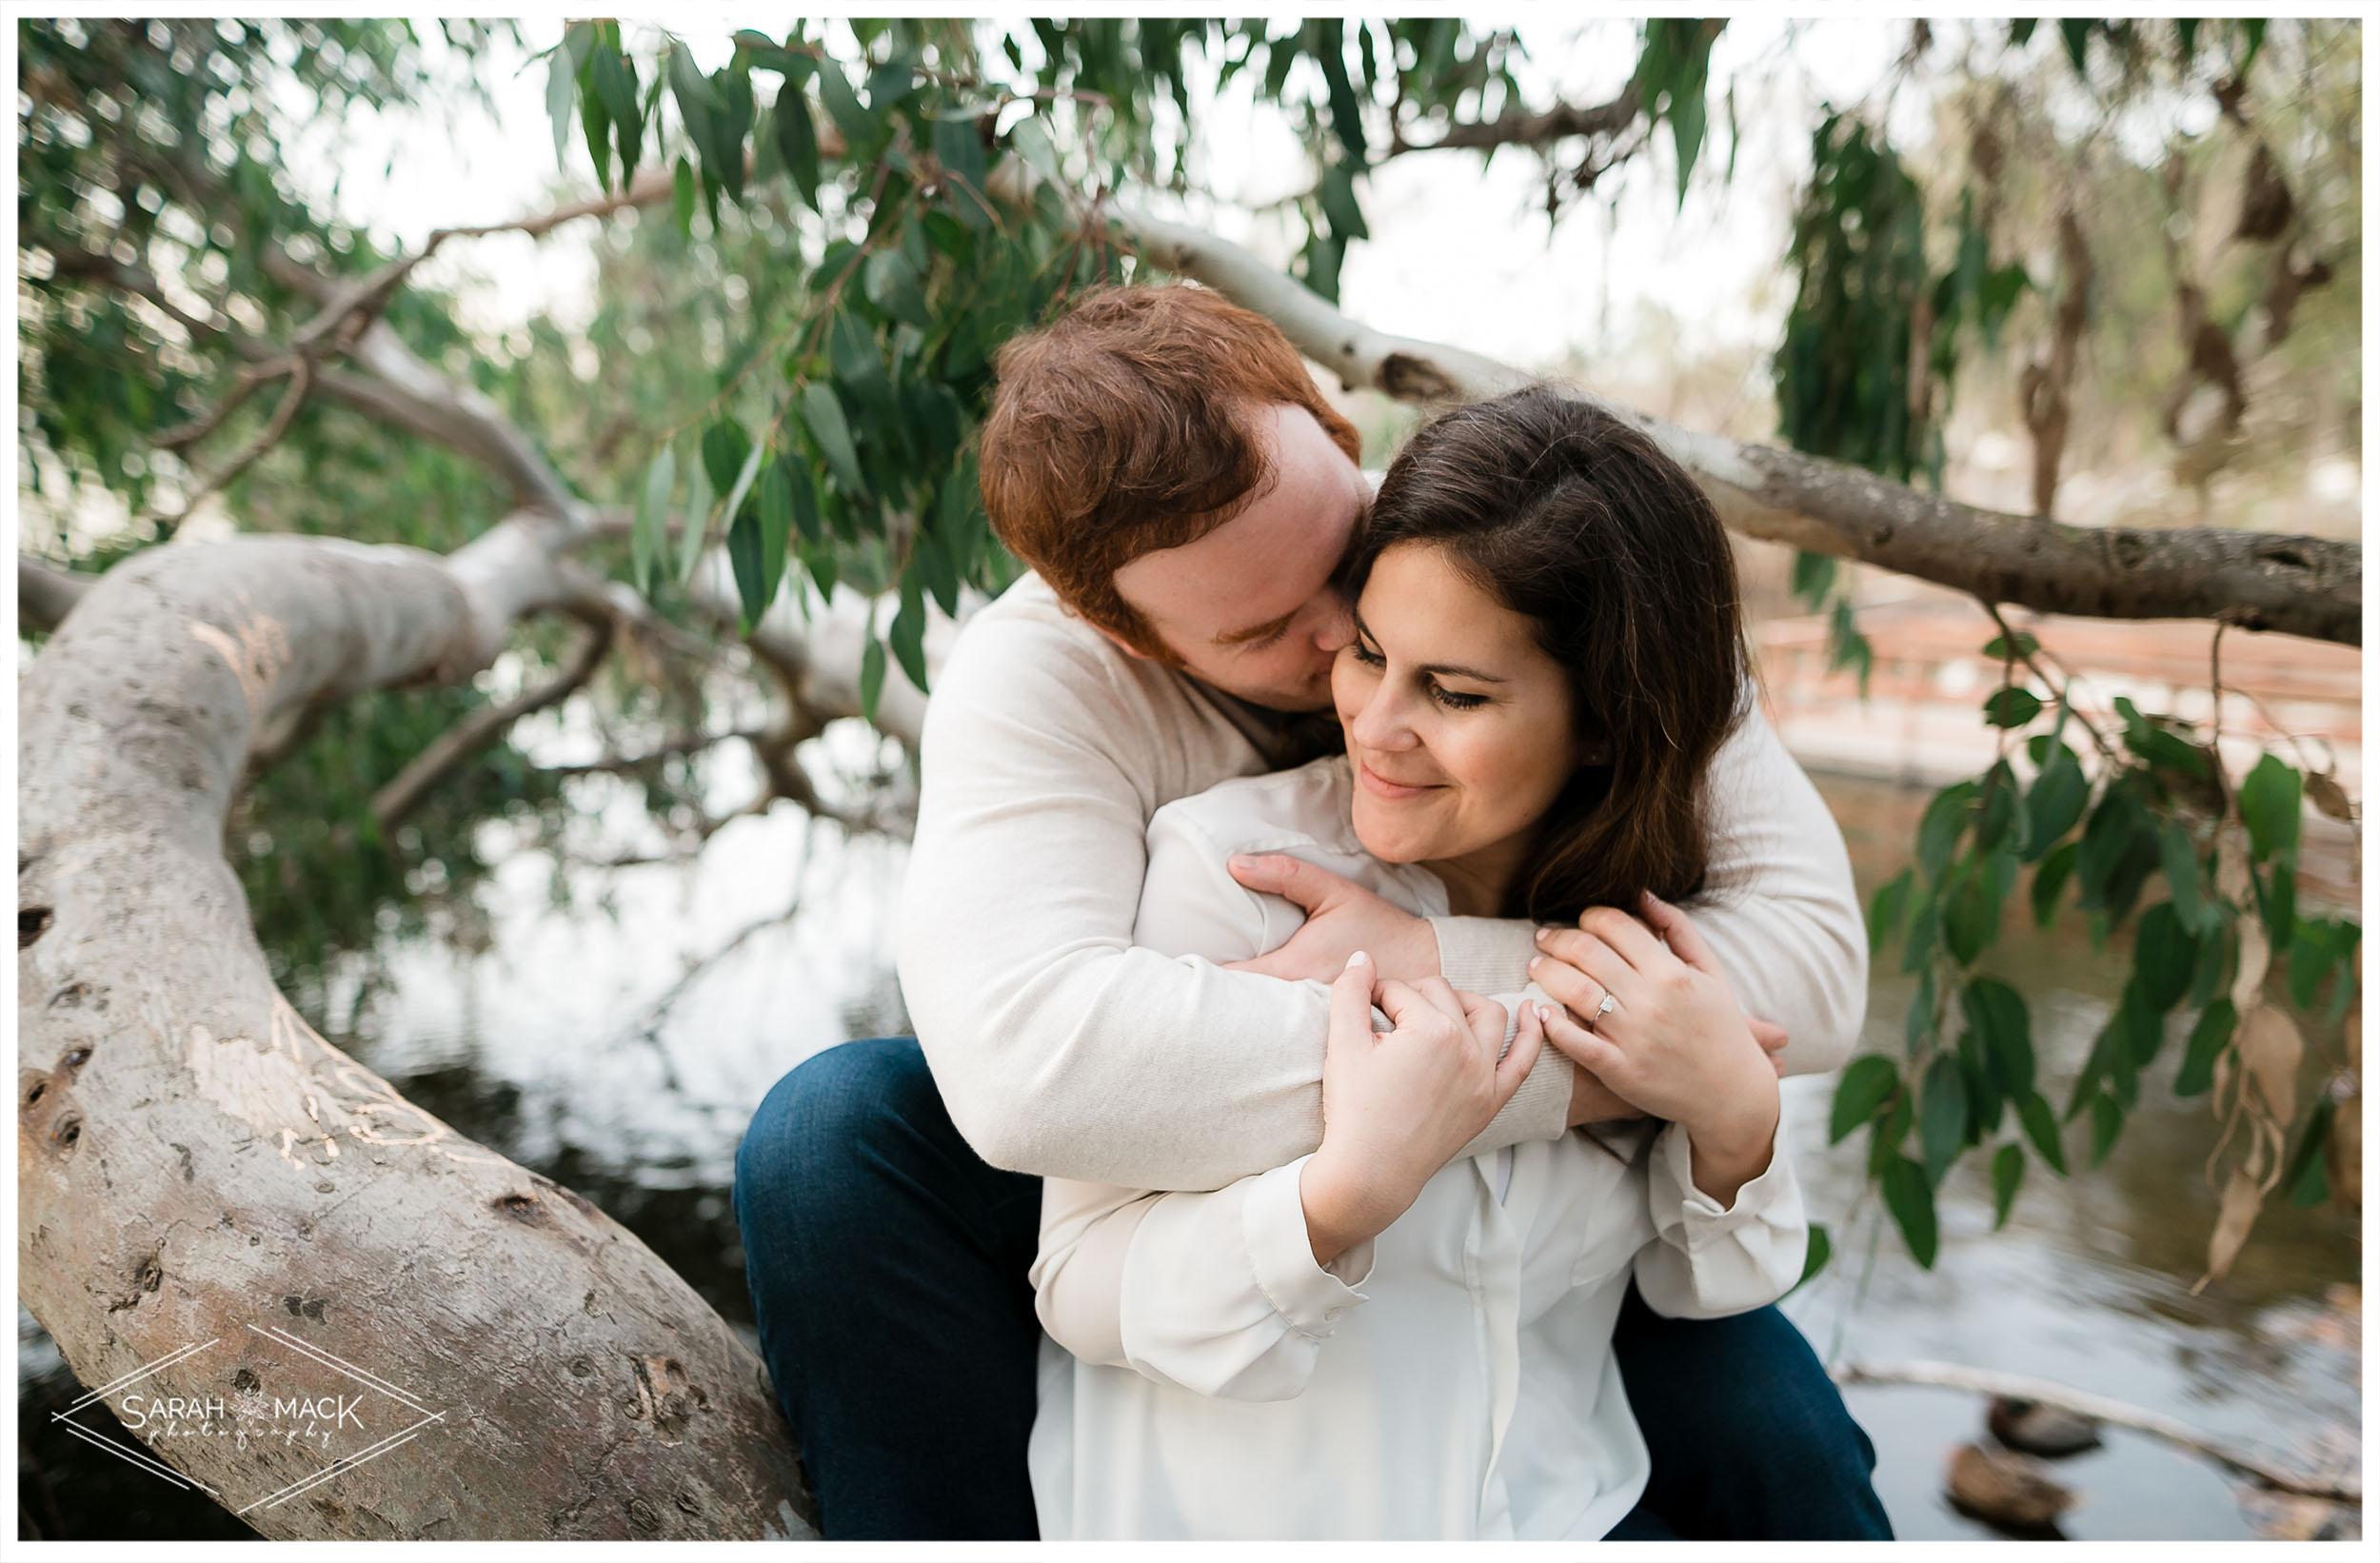 AM-Huntington-Beach-Central-Park-Engagement-Photography-10.jpg